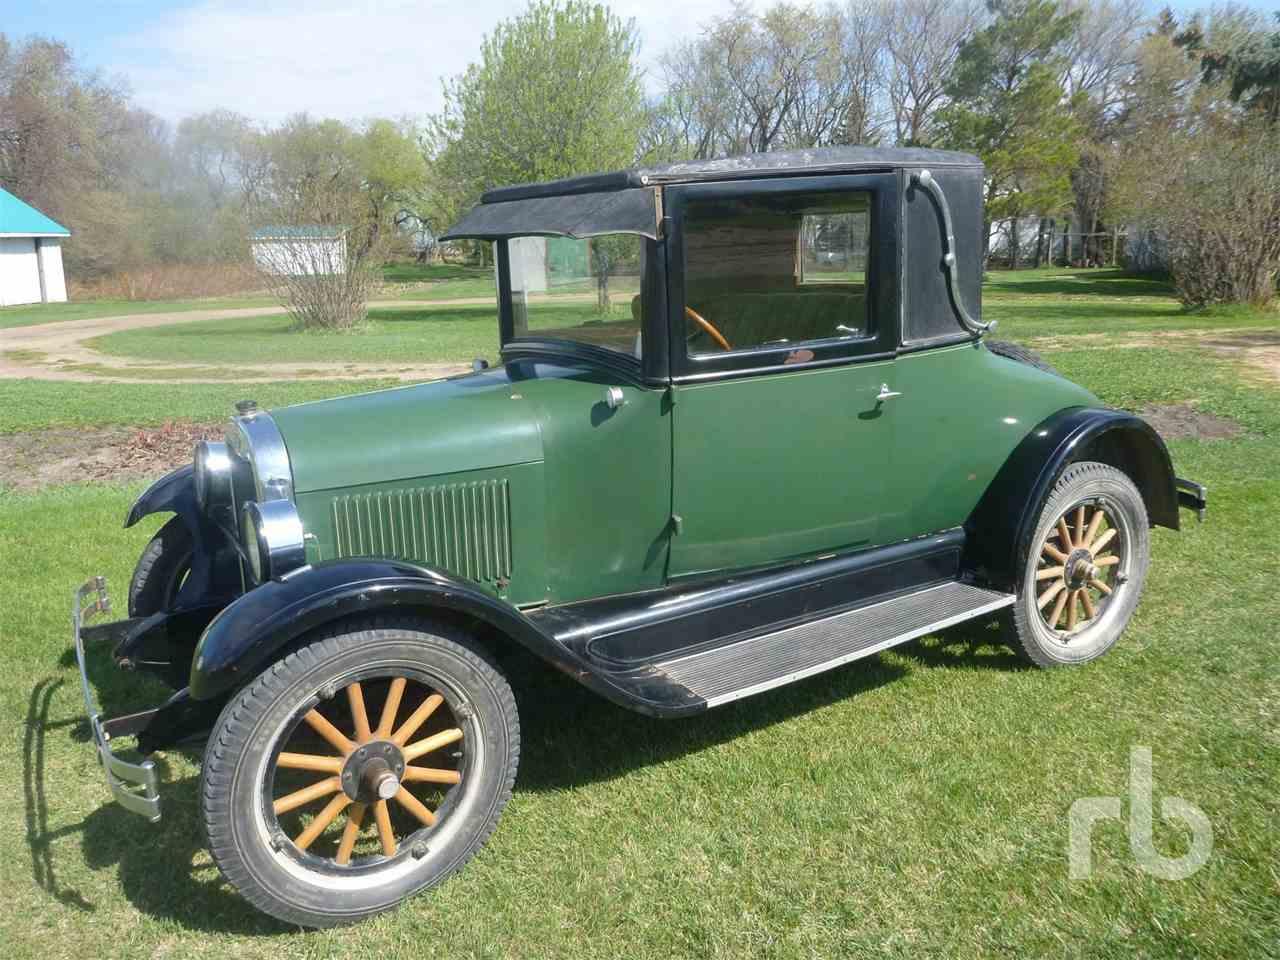 Chevy Dealers Phoenix >> 1926 Chevrolet Coupe for Sale | ClassicCars.com | CC-998677